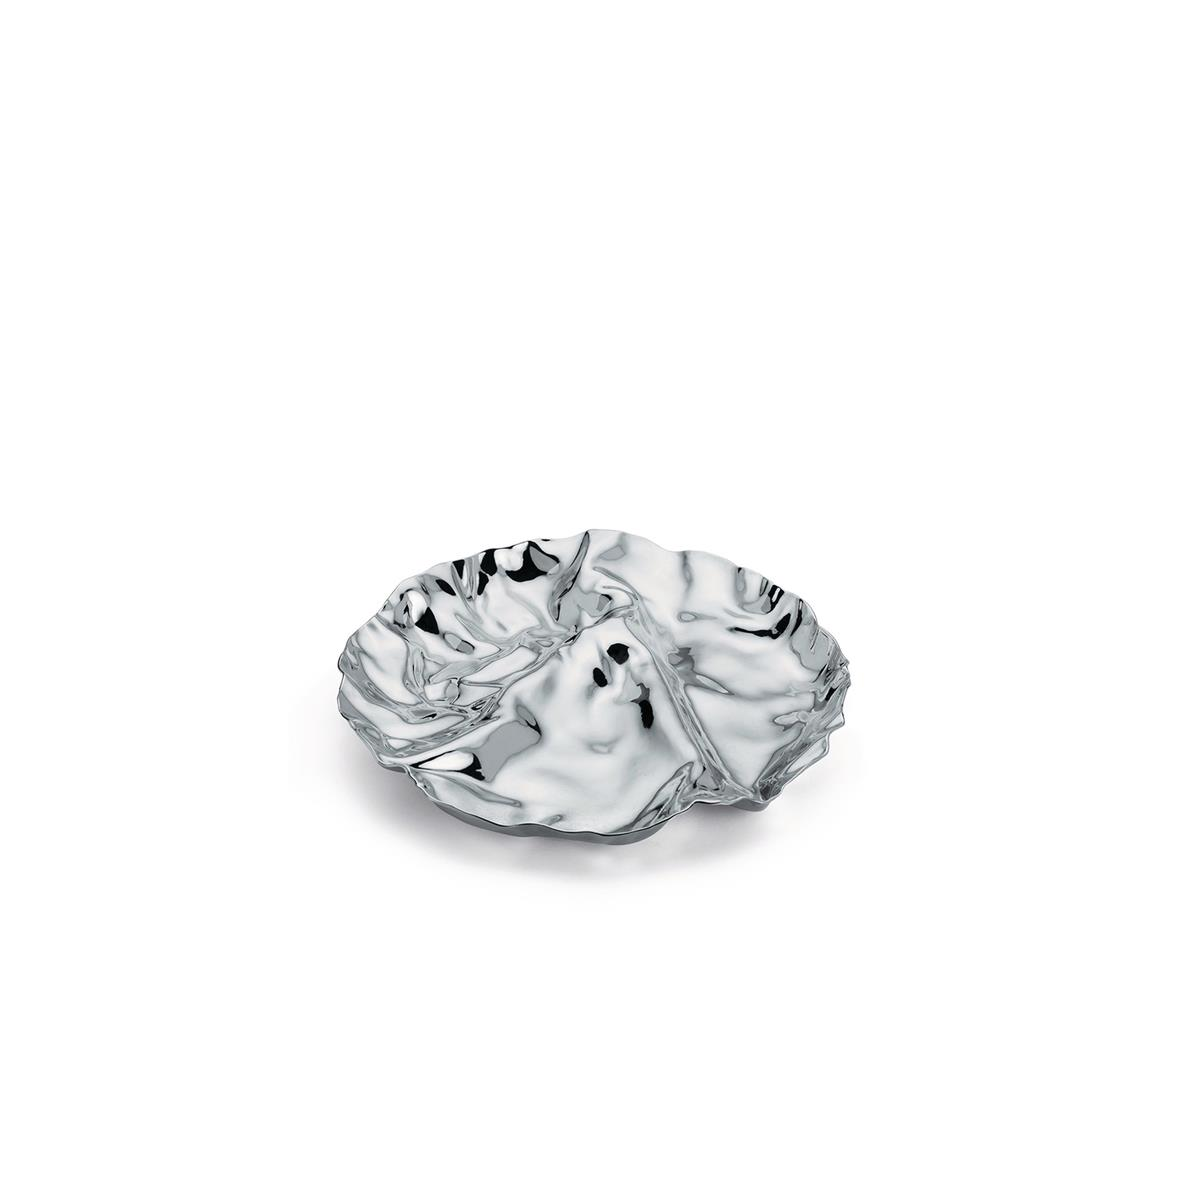 Alessi-Pepa Antipastiera a tre scomparti in acciaio inox 18/10 lucido